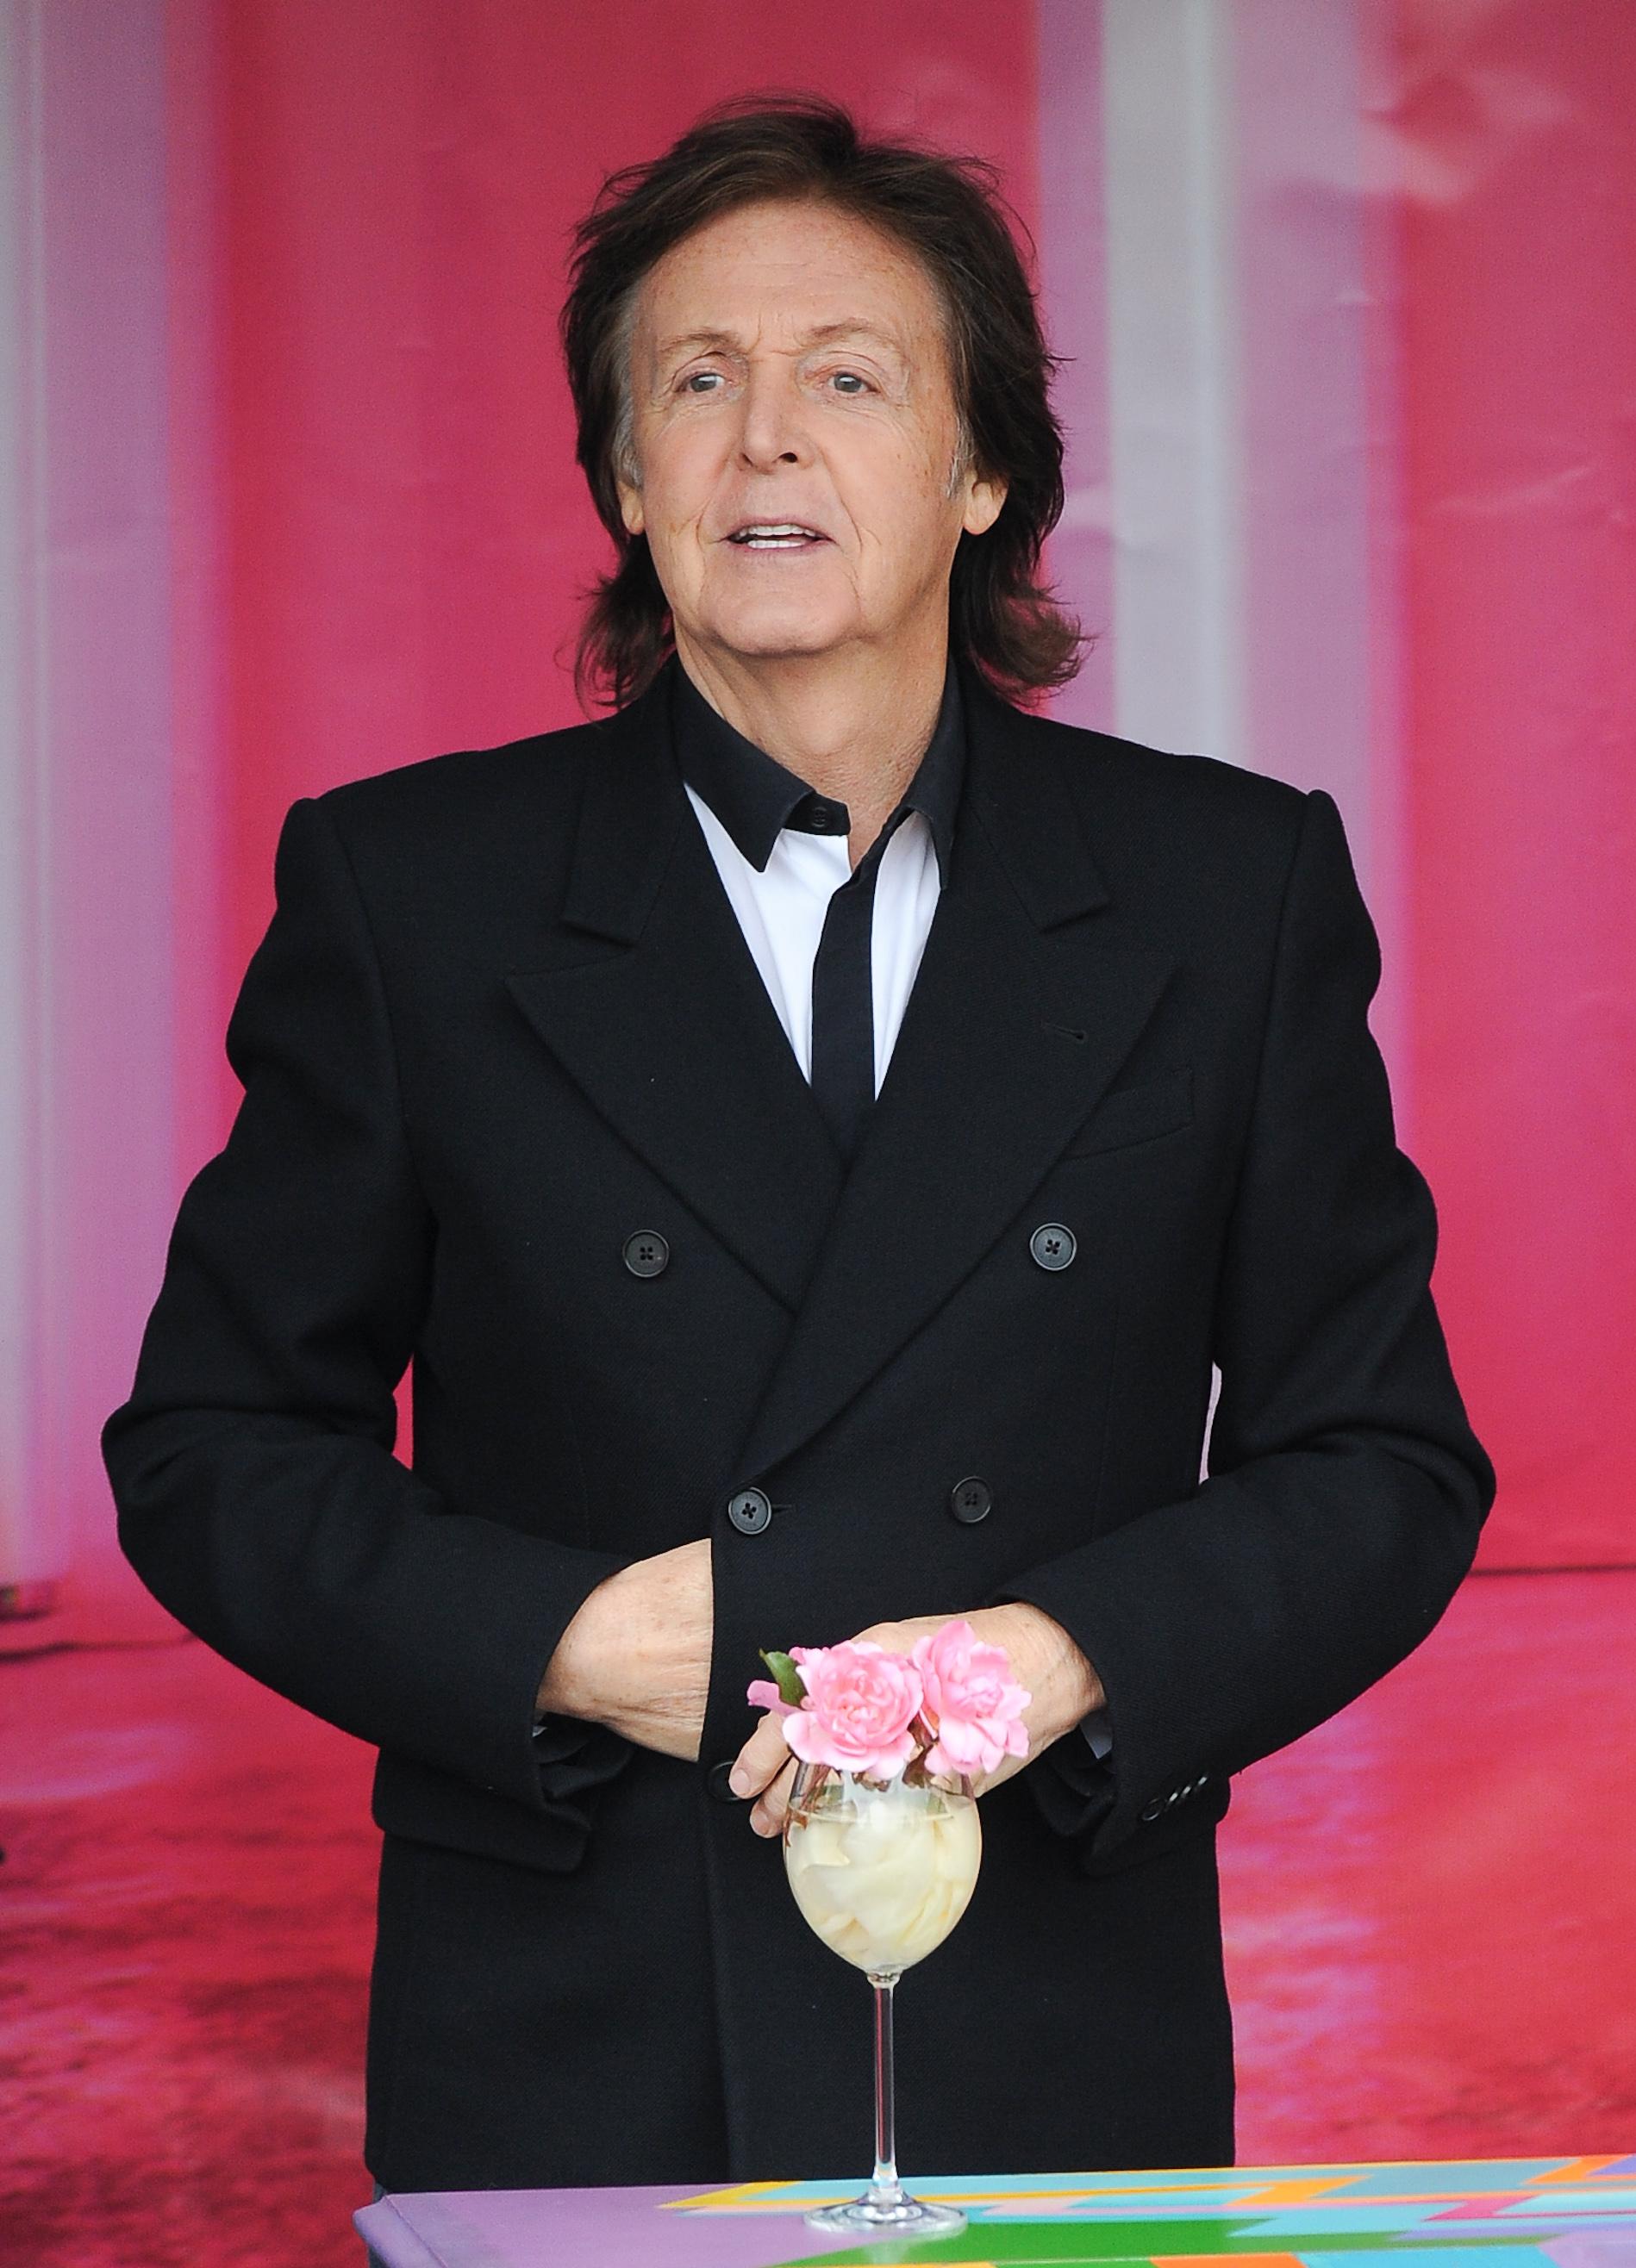 Paul McCartney's Autographed Guitar Helps Save Elephants